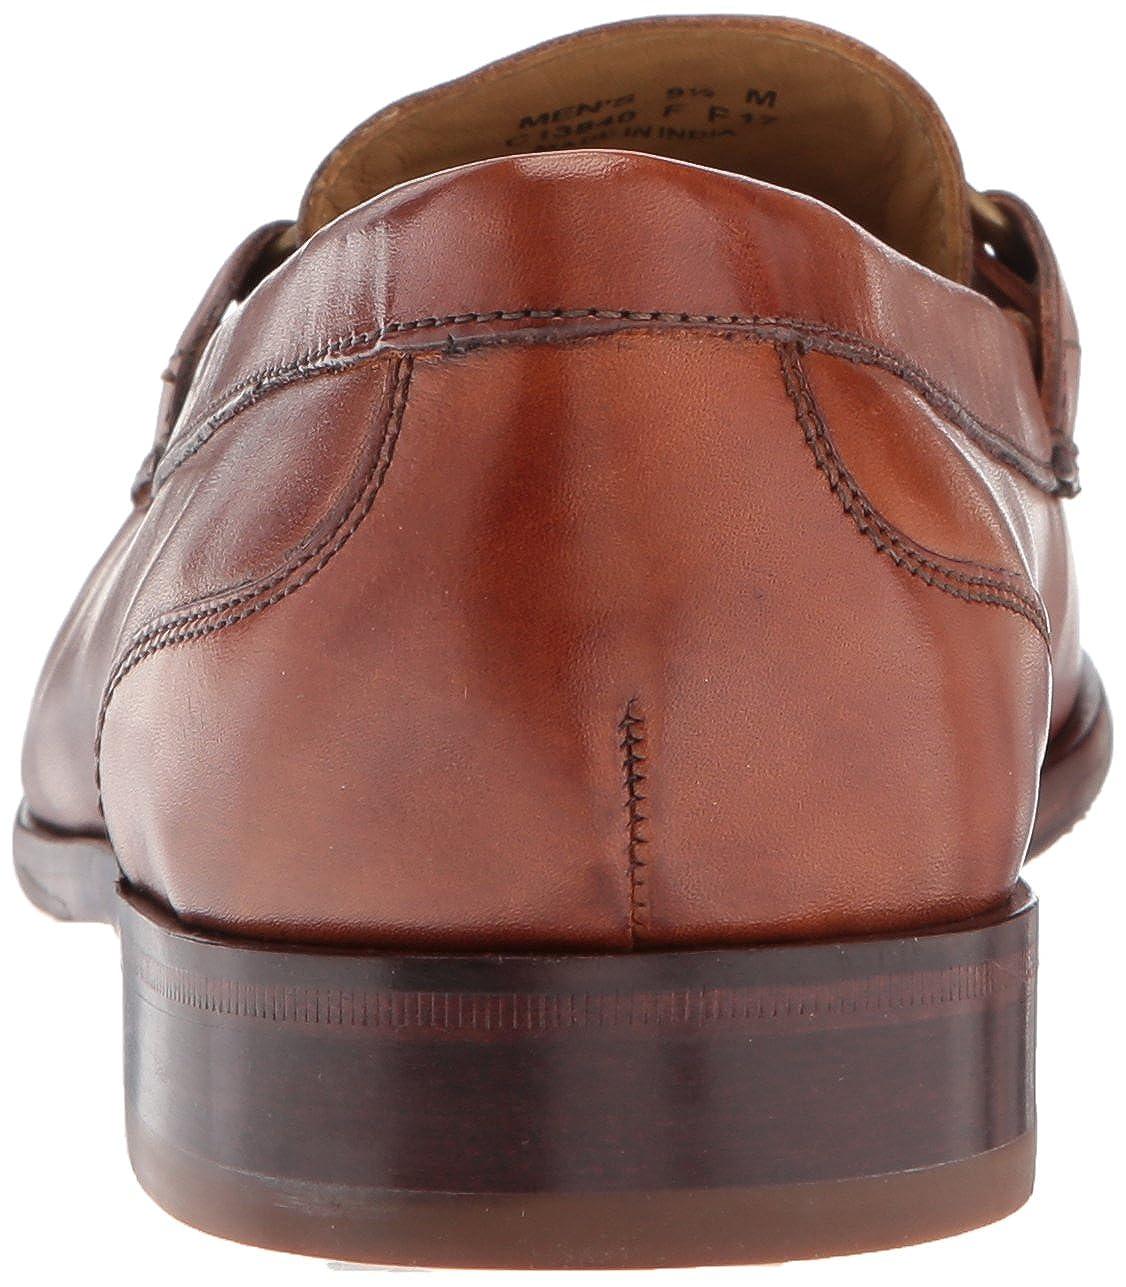 Cole Haan Hombres Zapatos de Fairmont & Main Caballo Poco Loafer 9,5 m marrón: Amazon.es: Zapatos y complementos